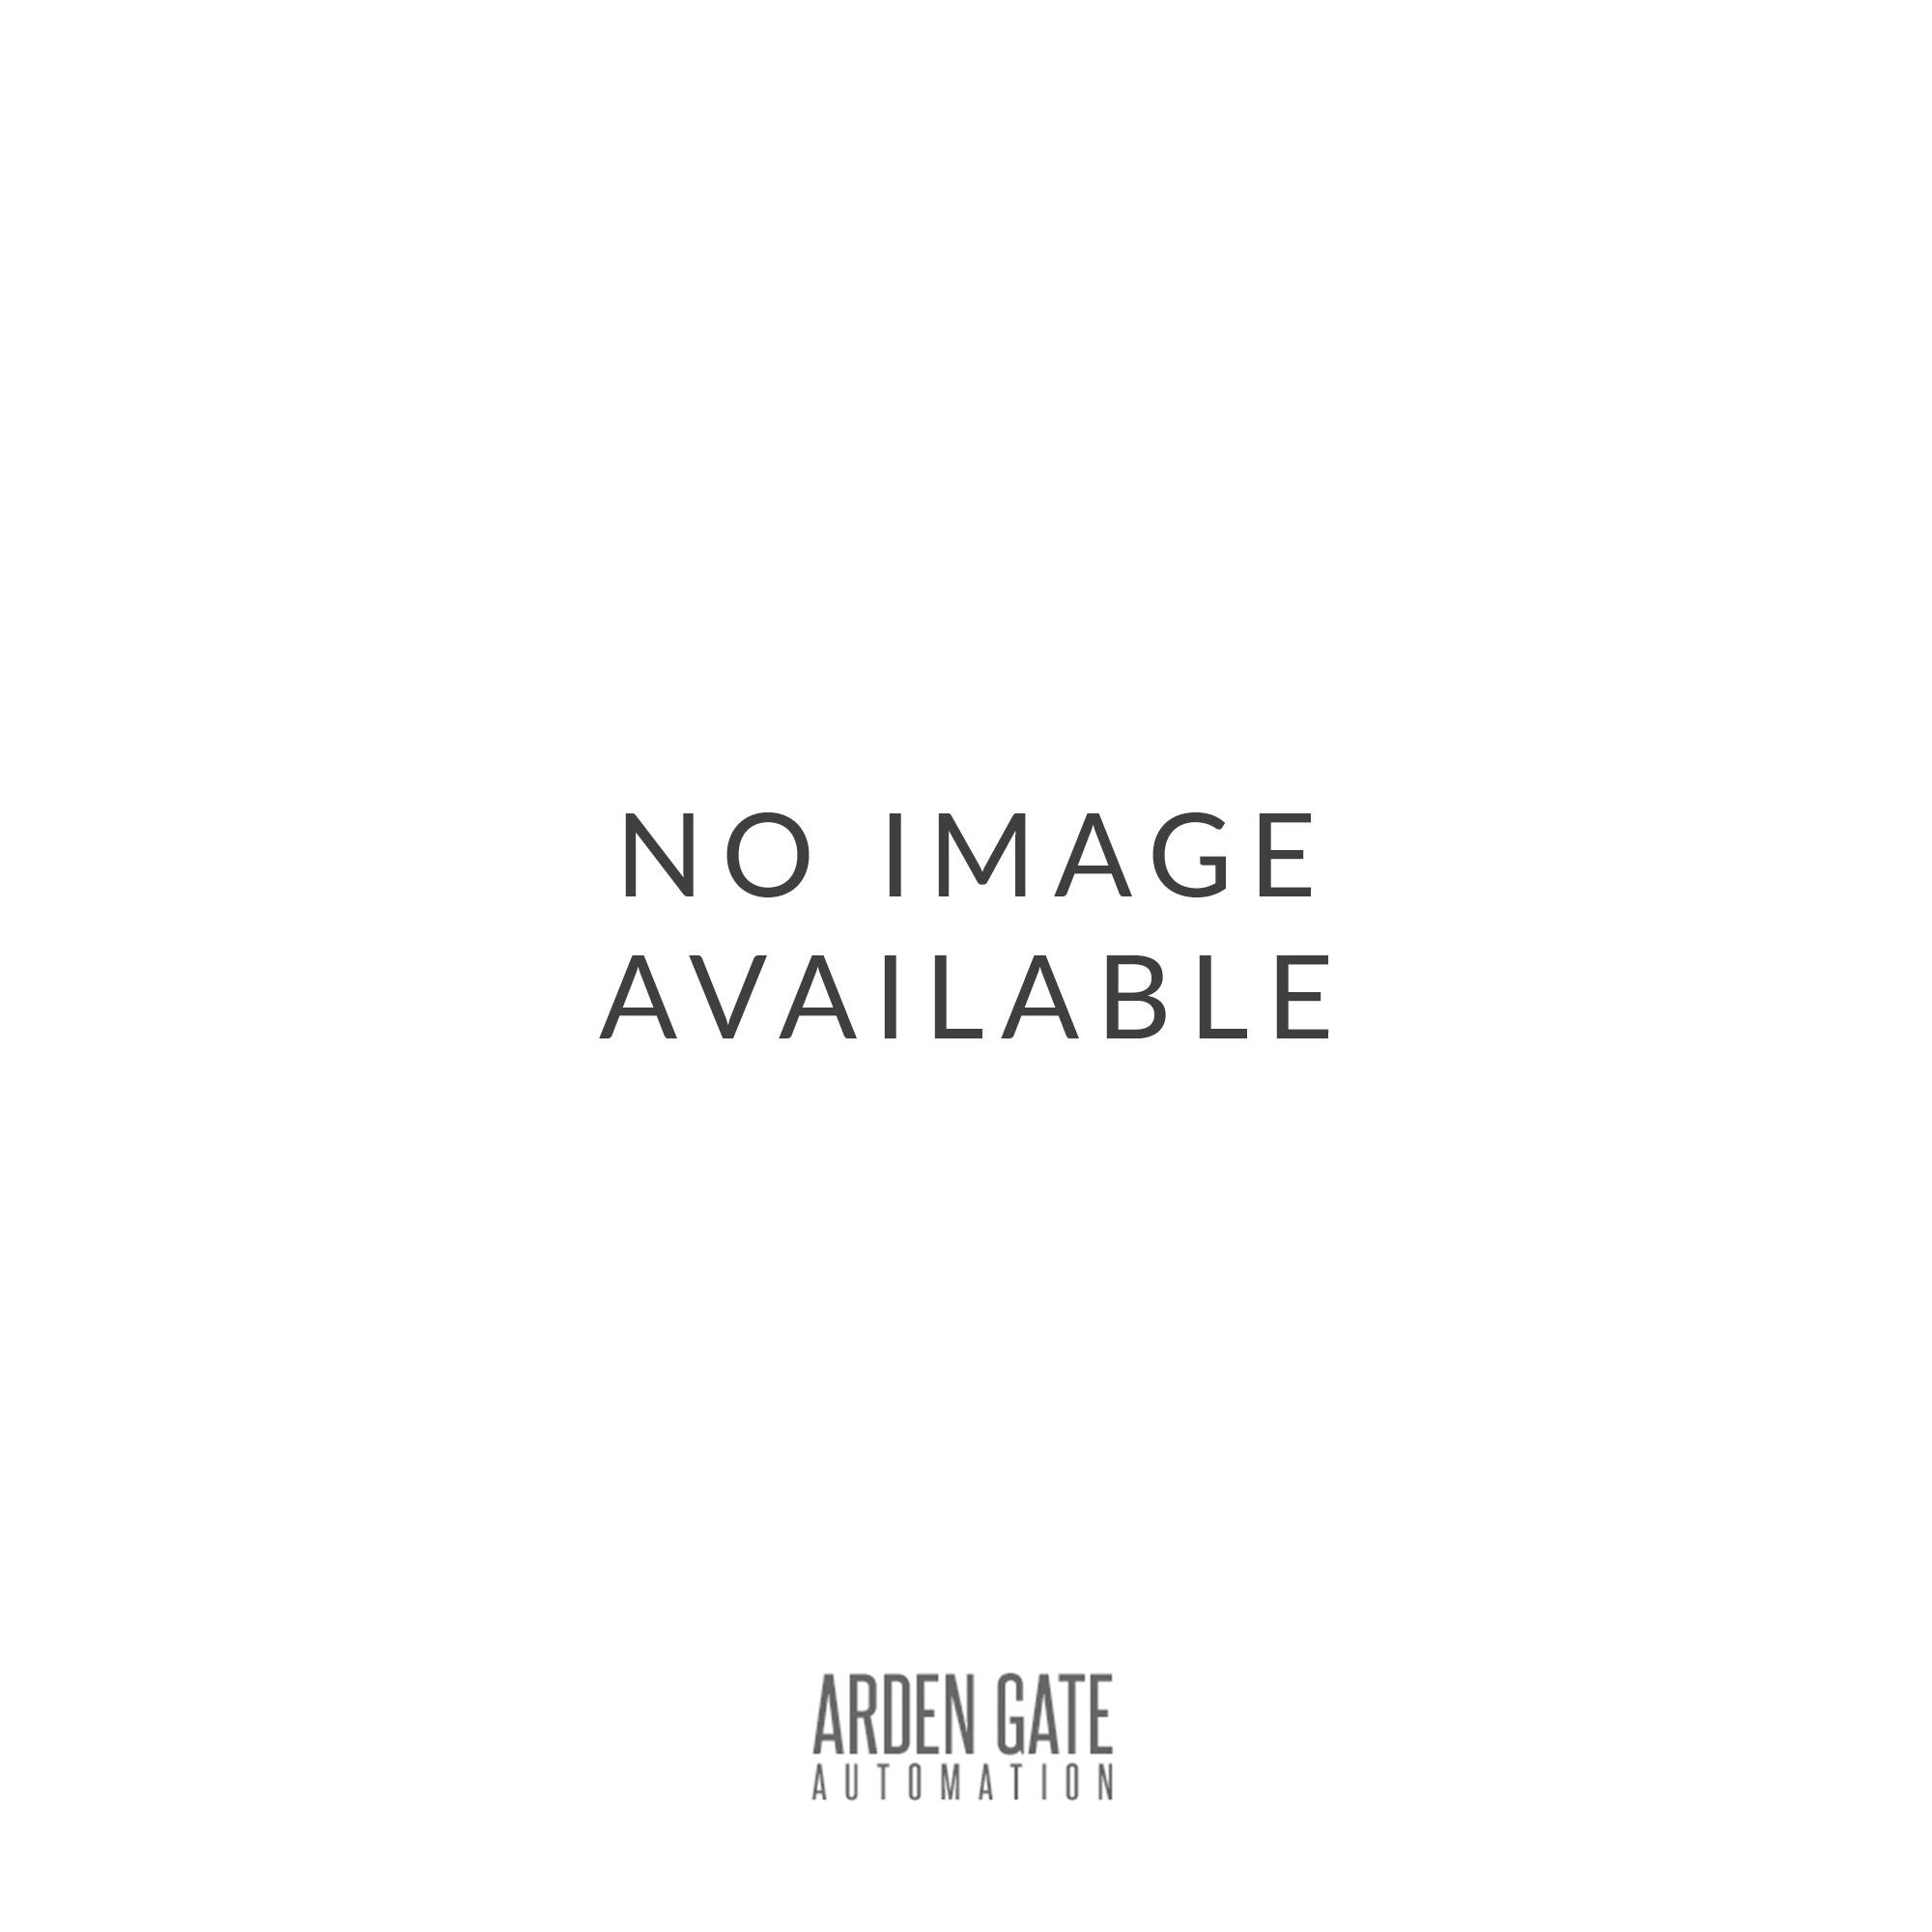 CAME FrogAE-S24 24v Electro mechanical underground operator single kit